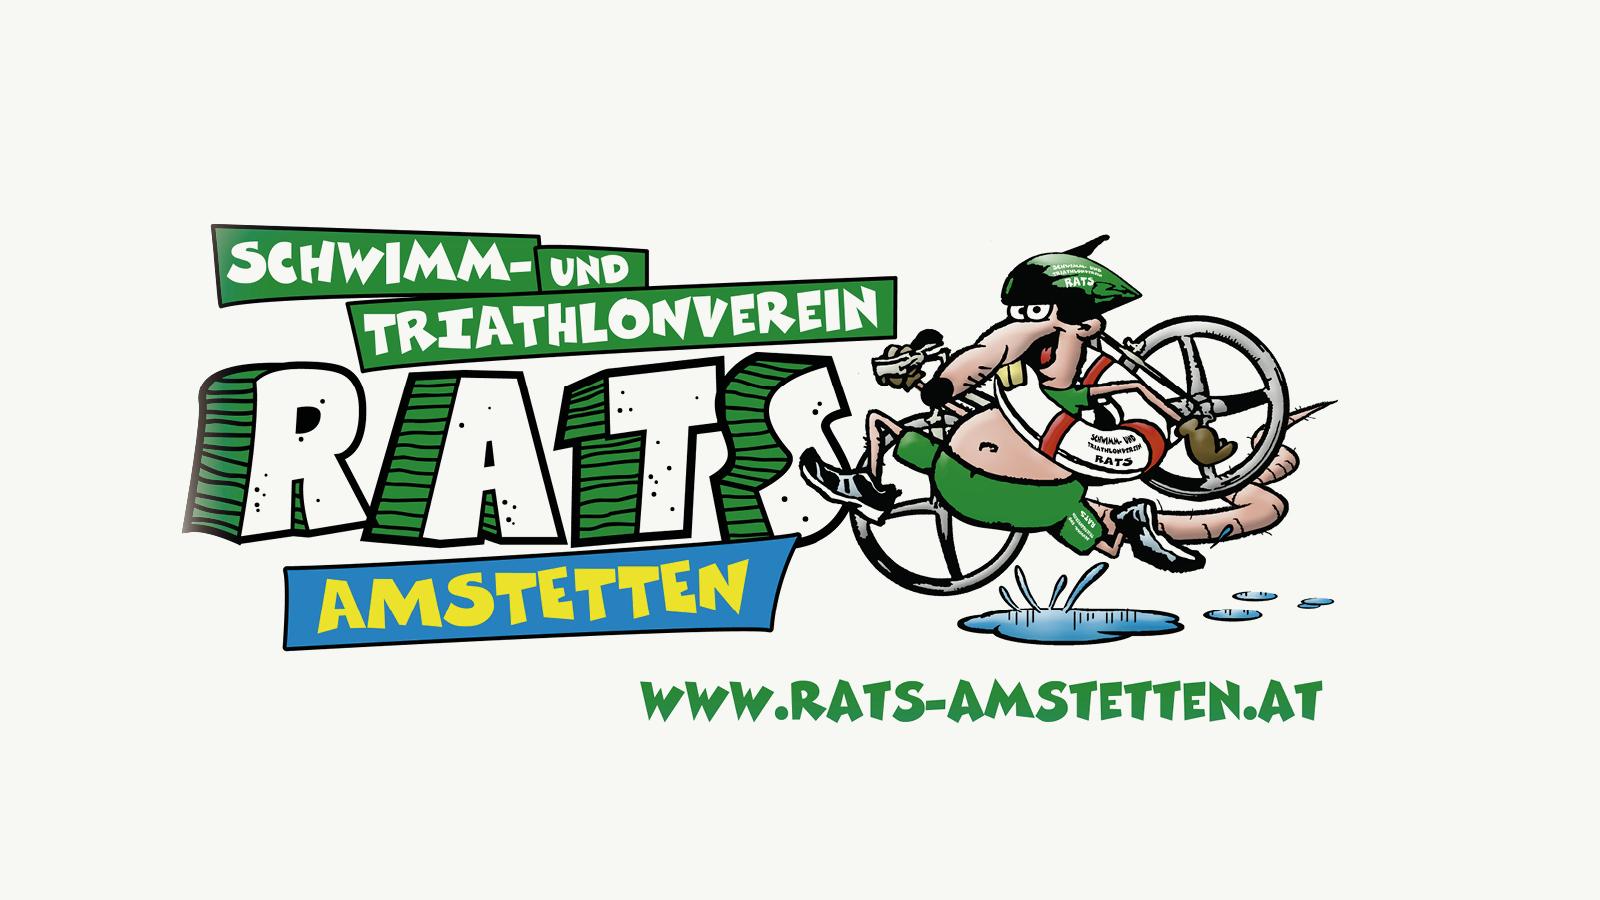 Projekt_Rats